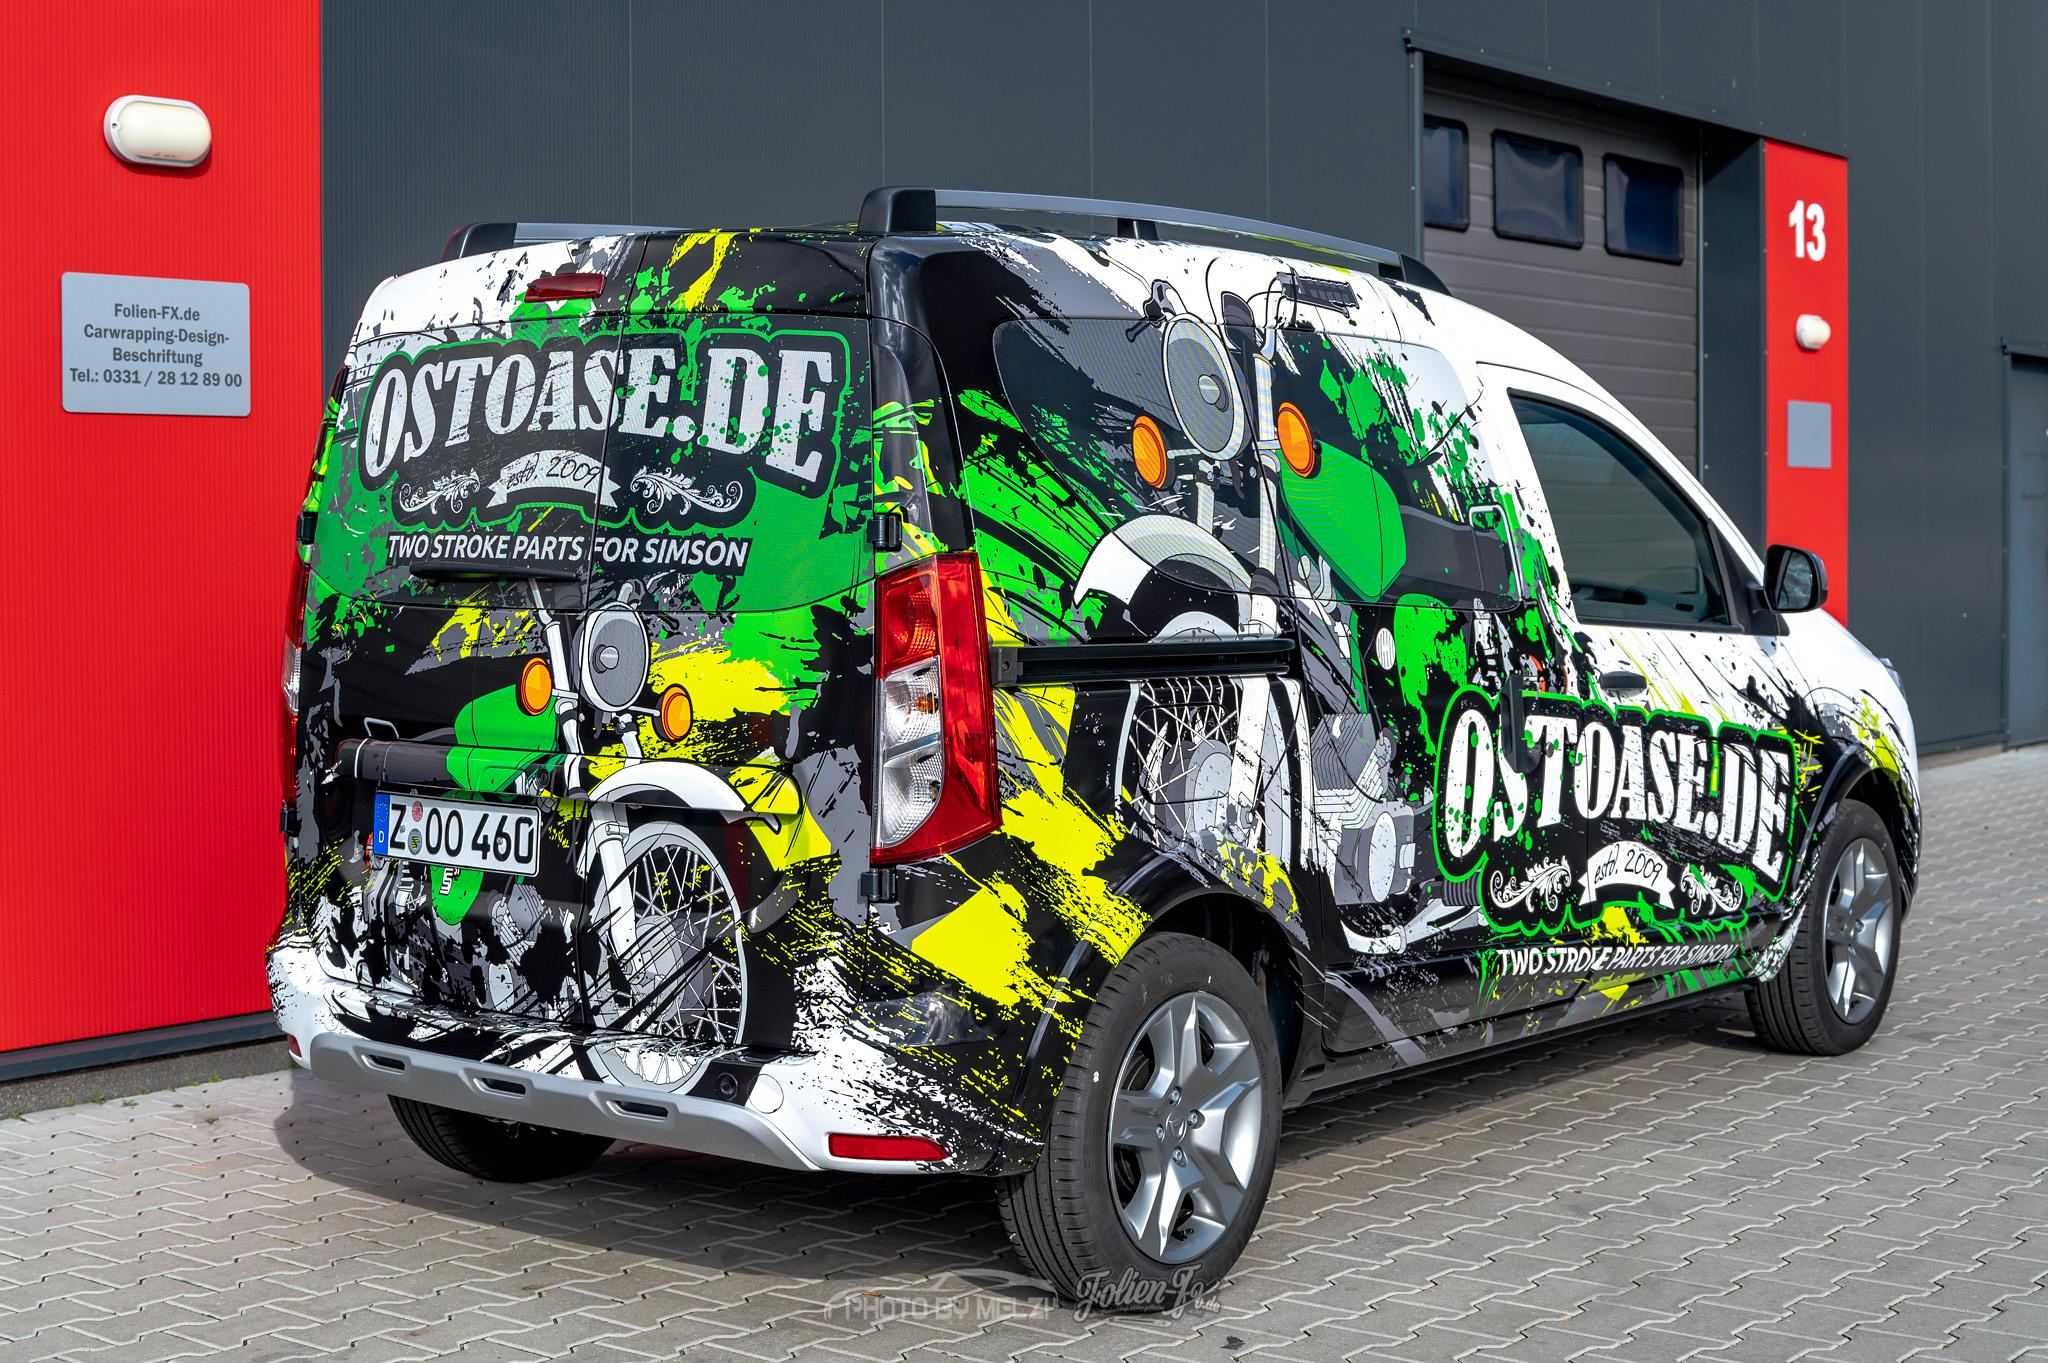 💥 Dacia's Ostoase 💥